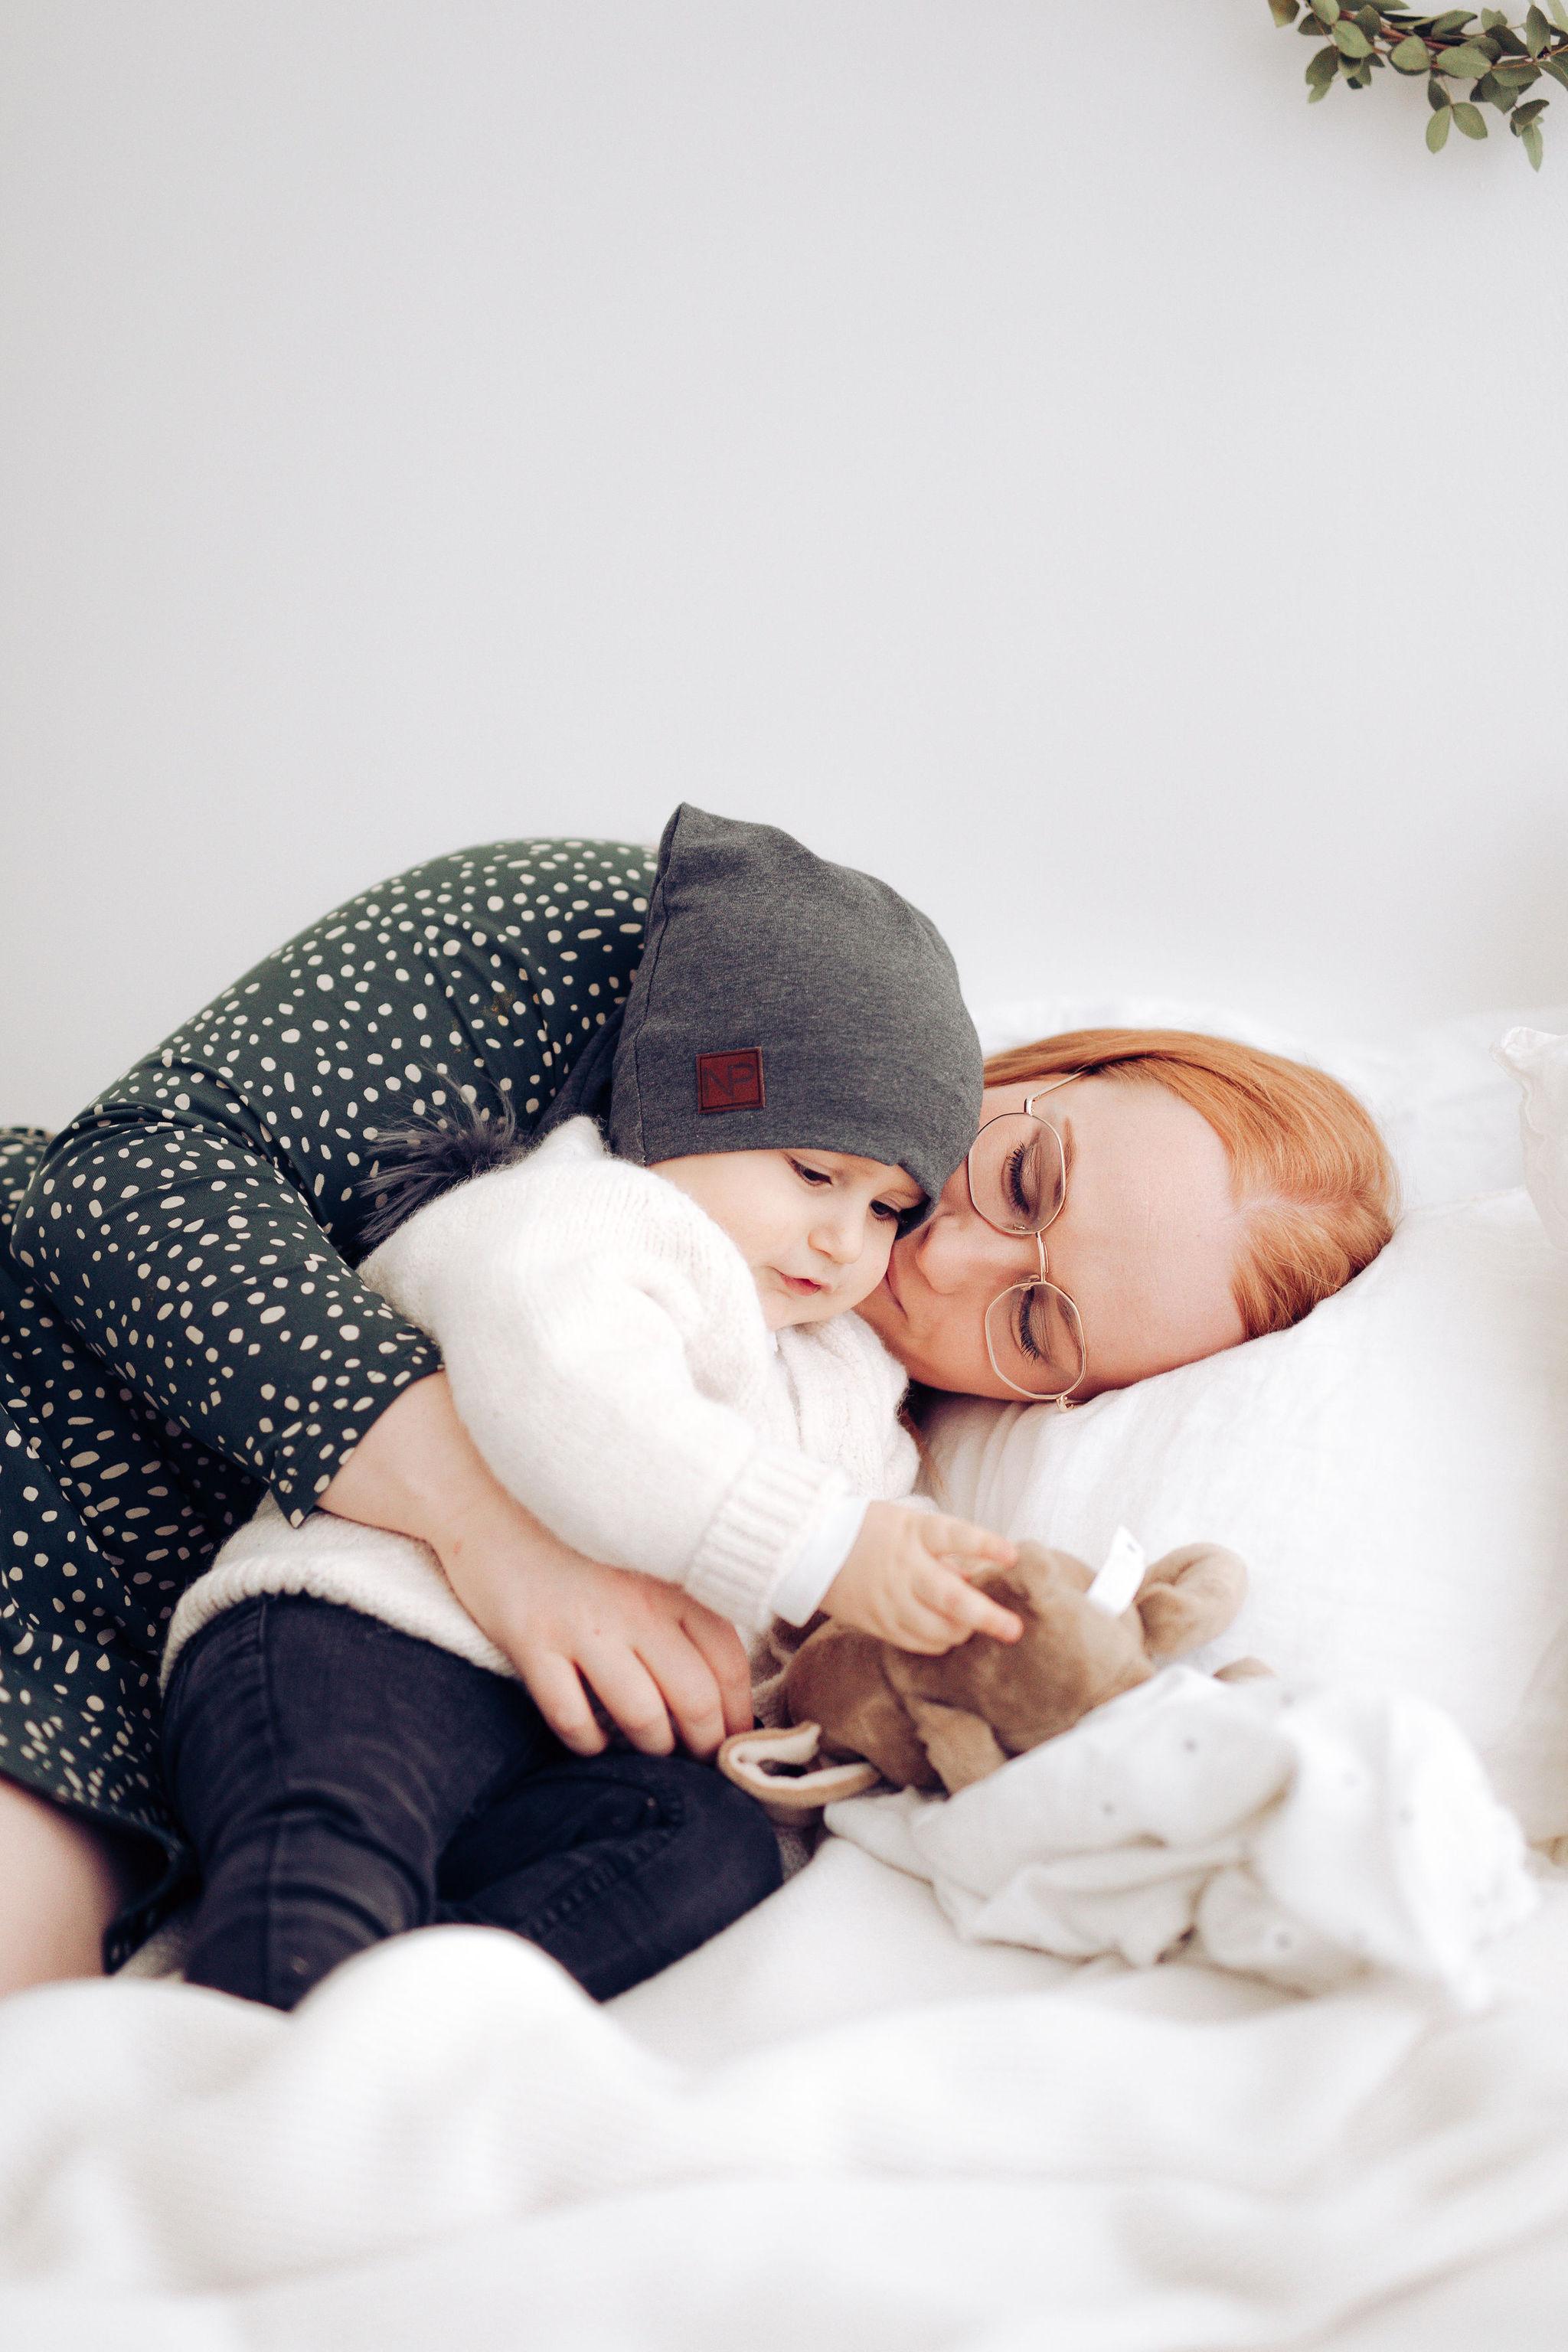 Elämä päättyy vauvaan ja minä katoan äitiyteen